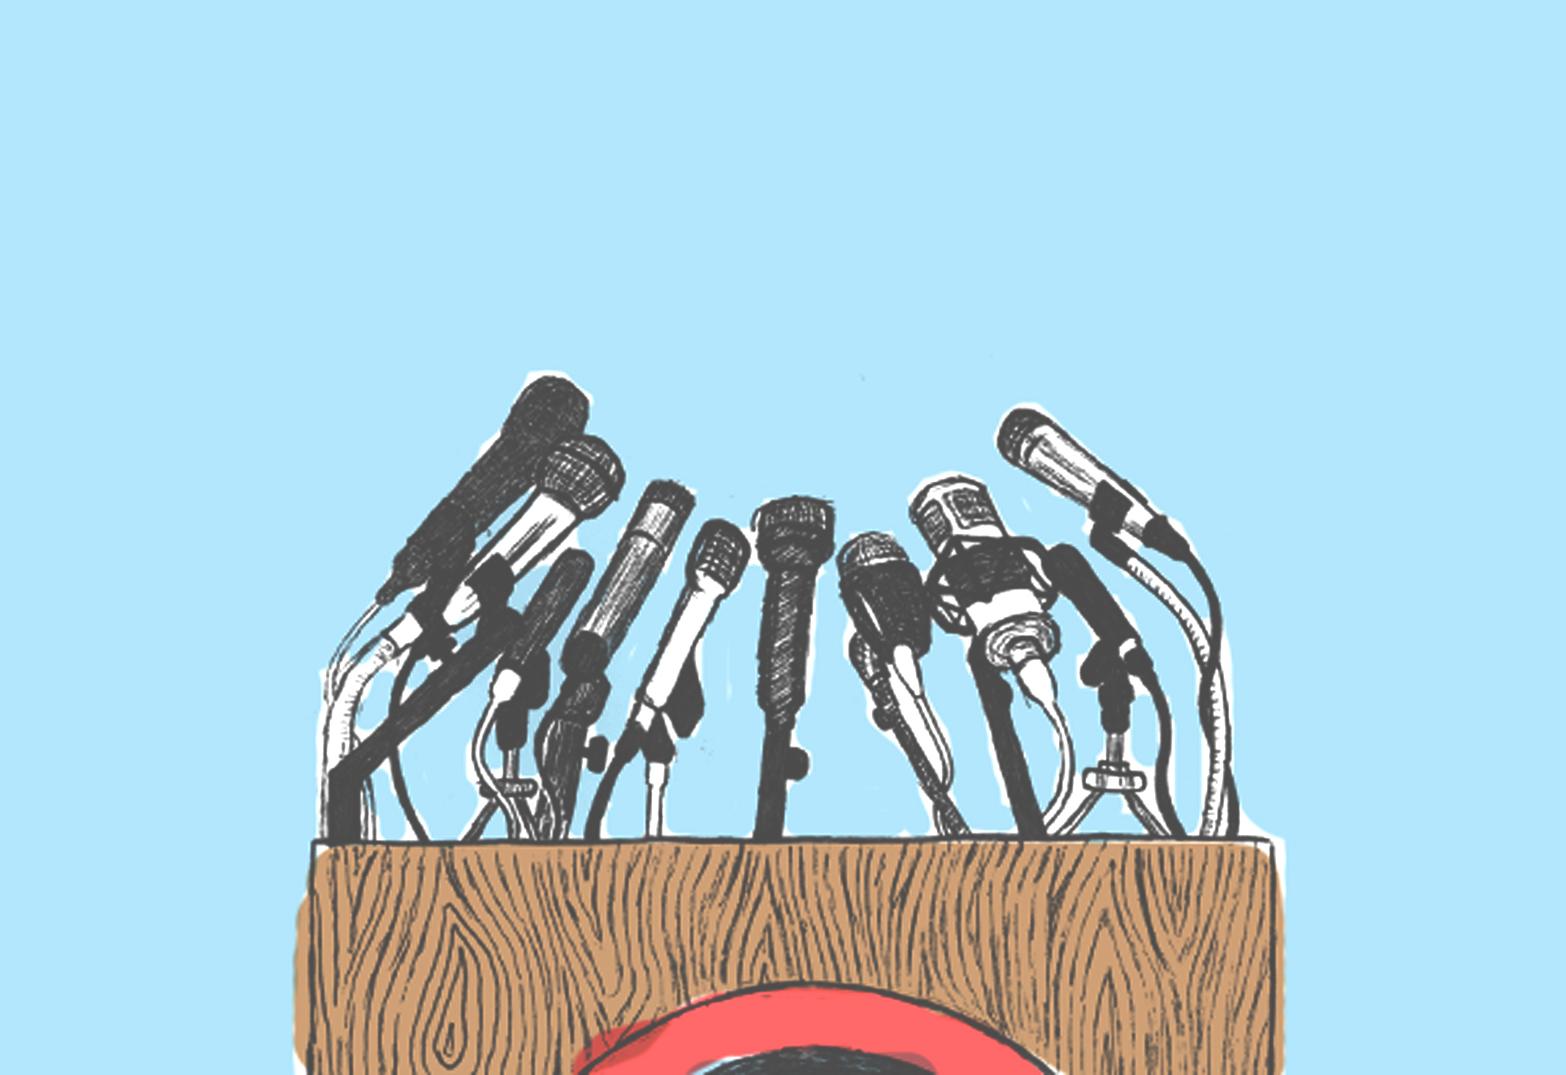 Γιατί φοβάμαι να μιλήσω μπροστά σε κόσμο;